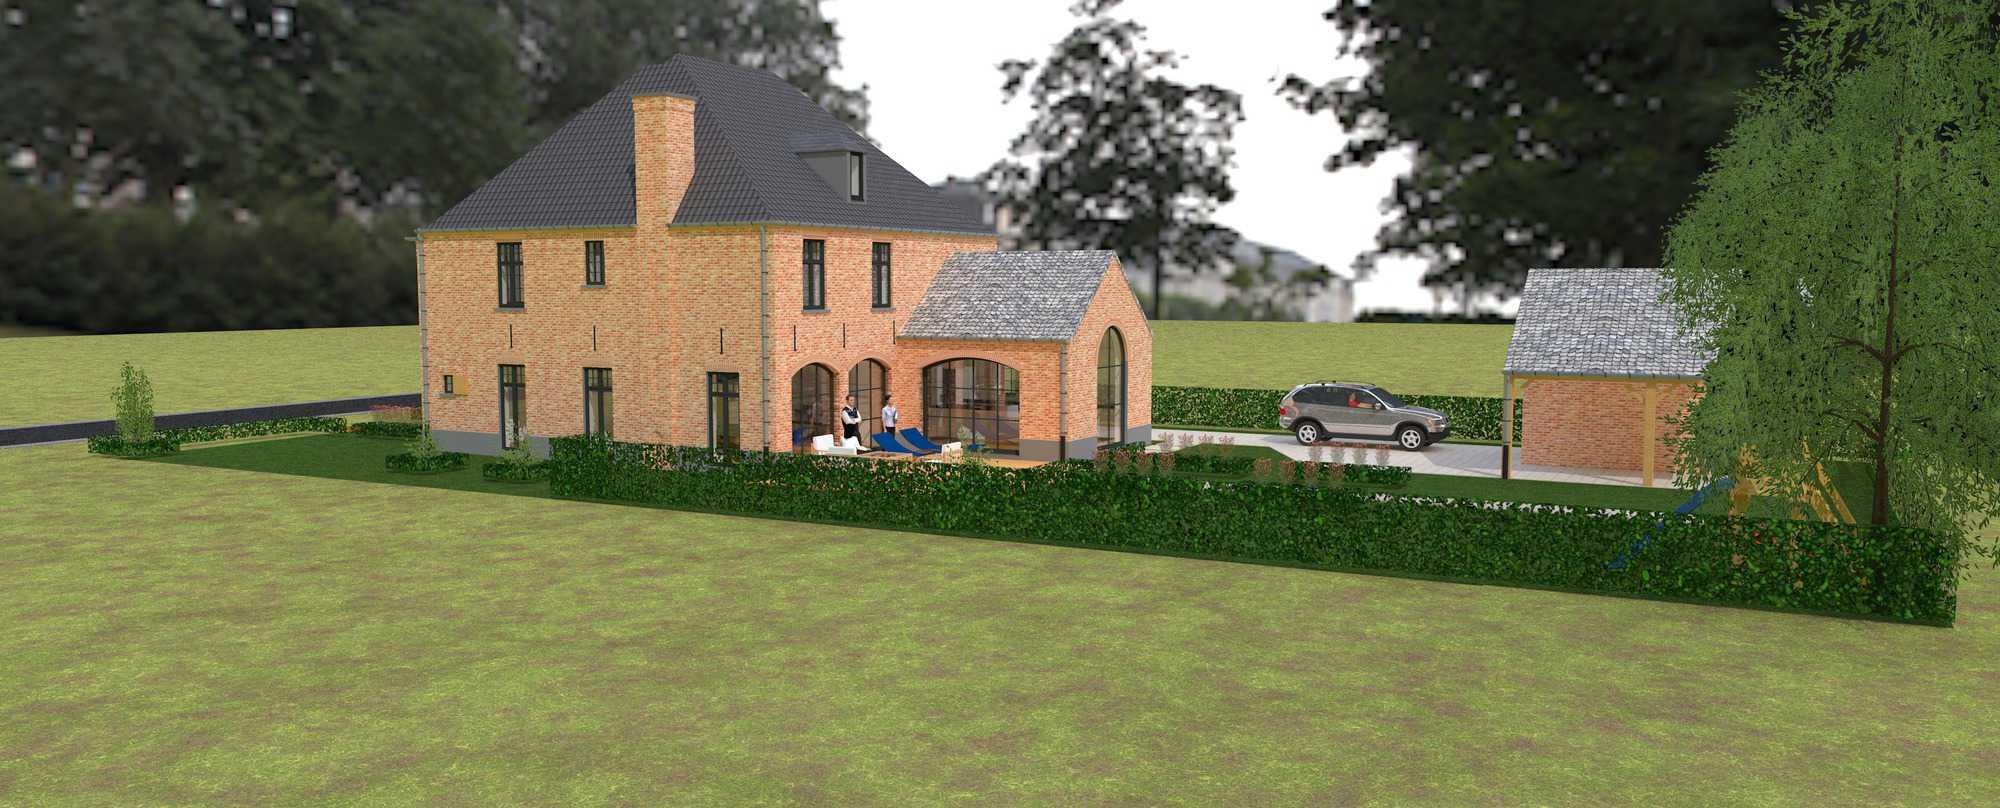 Detail afbeelding 2 van K & S   –   Landhuis met garage   –  Genk | Ontwerp door architect Patrick Strackx